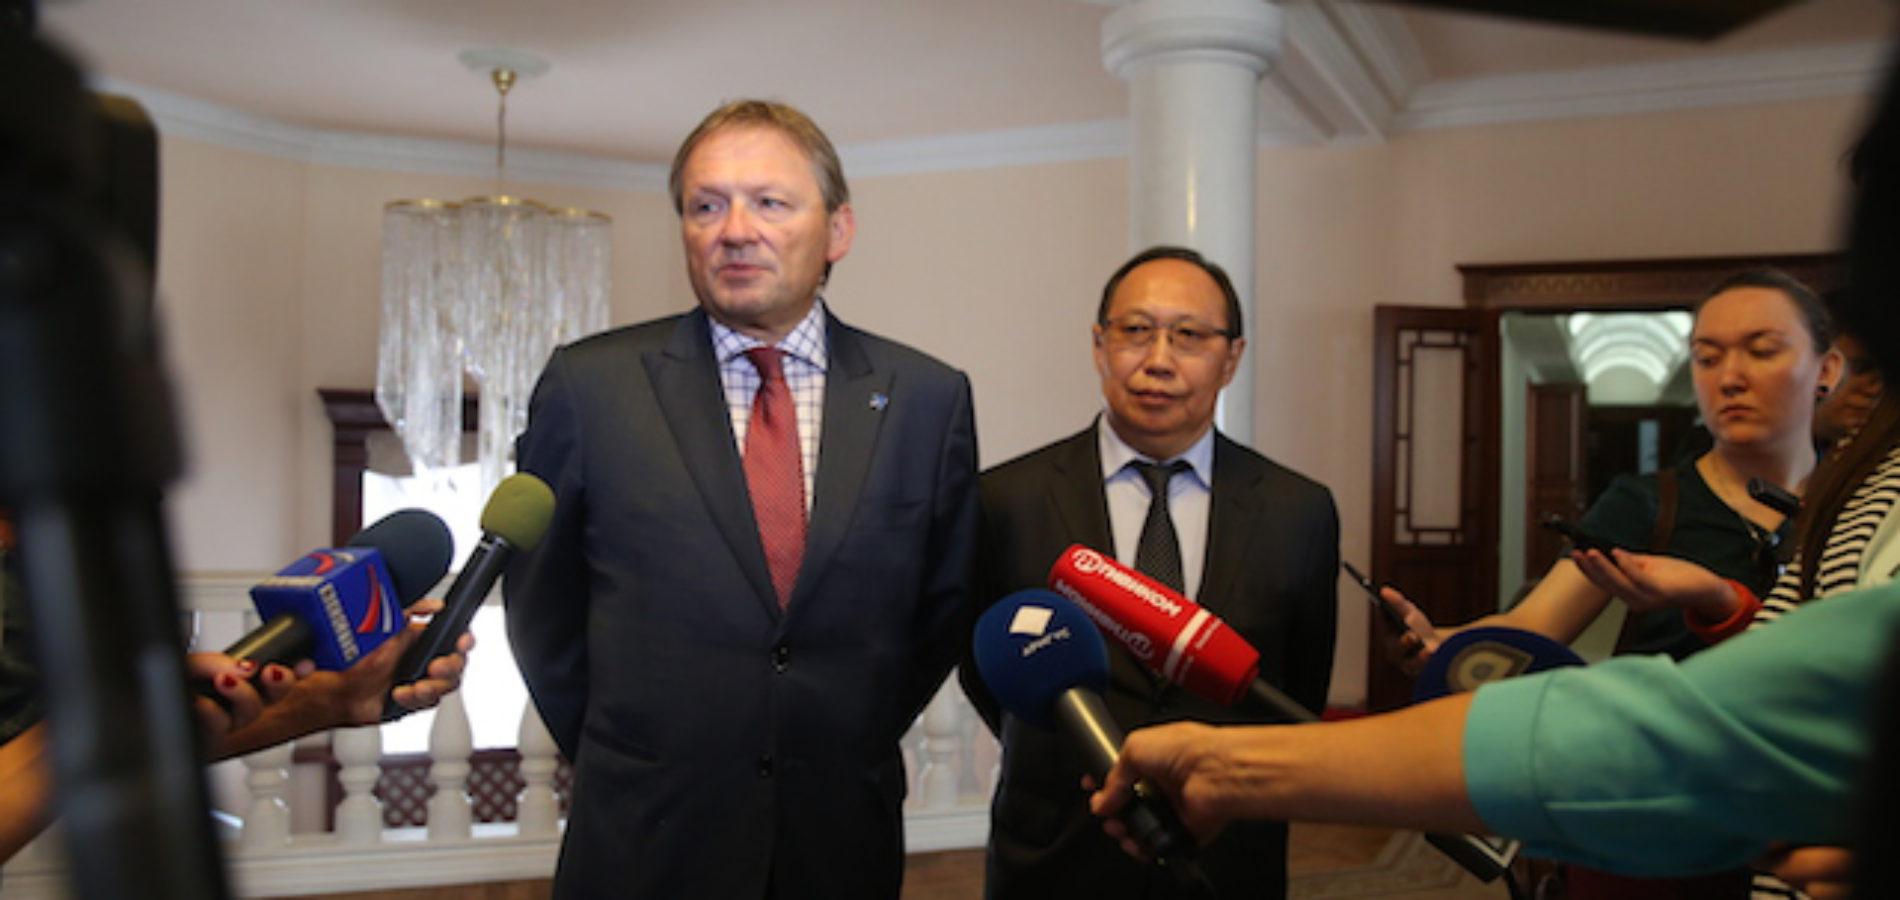 Борис Титов предложил создать на Байкале эколого-экономический ТОР